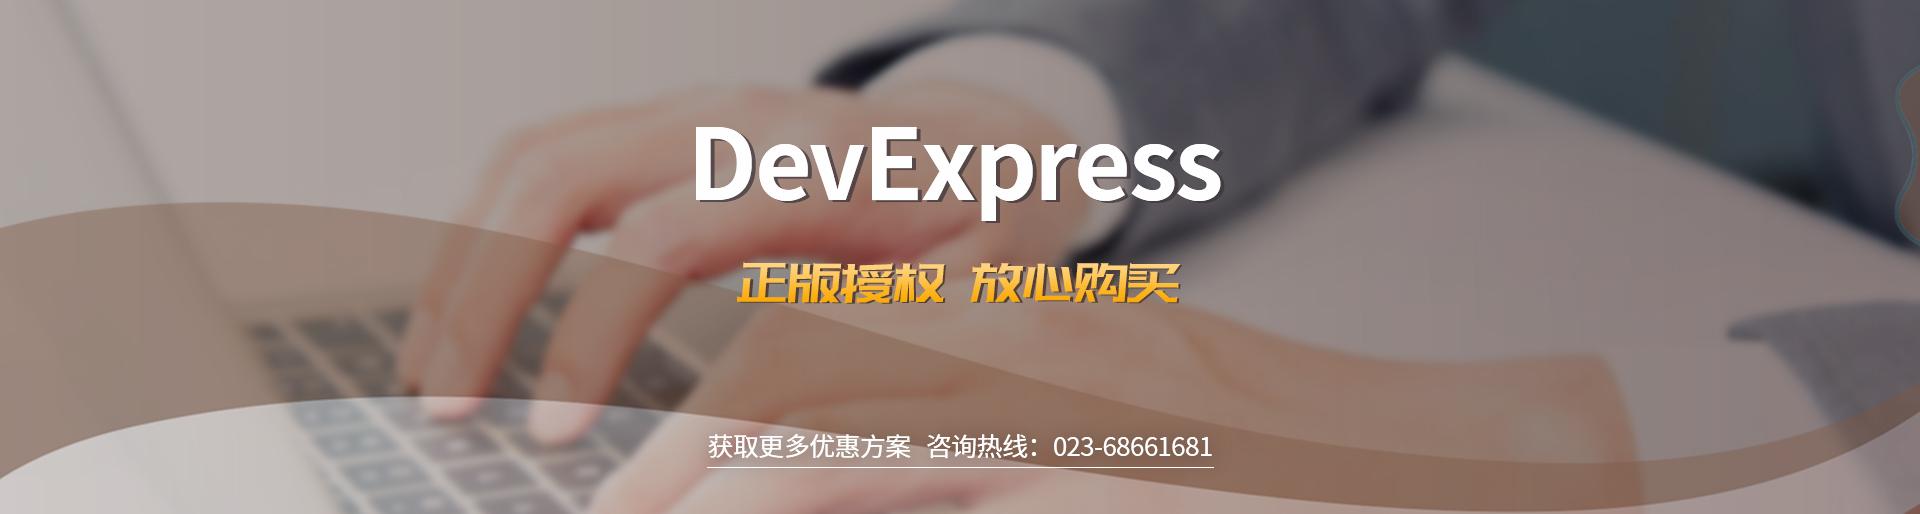 DevExpress正版授权购买